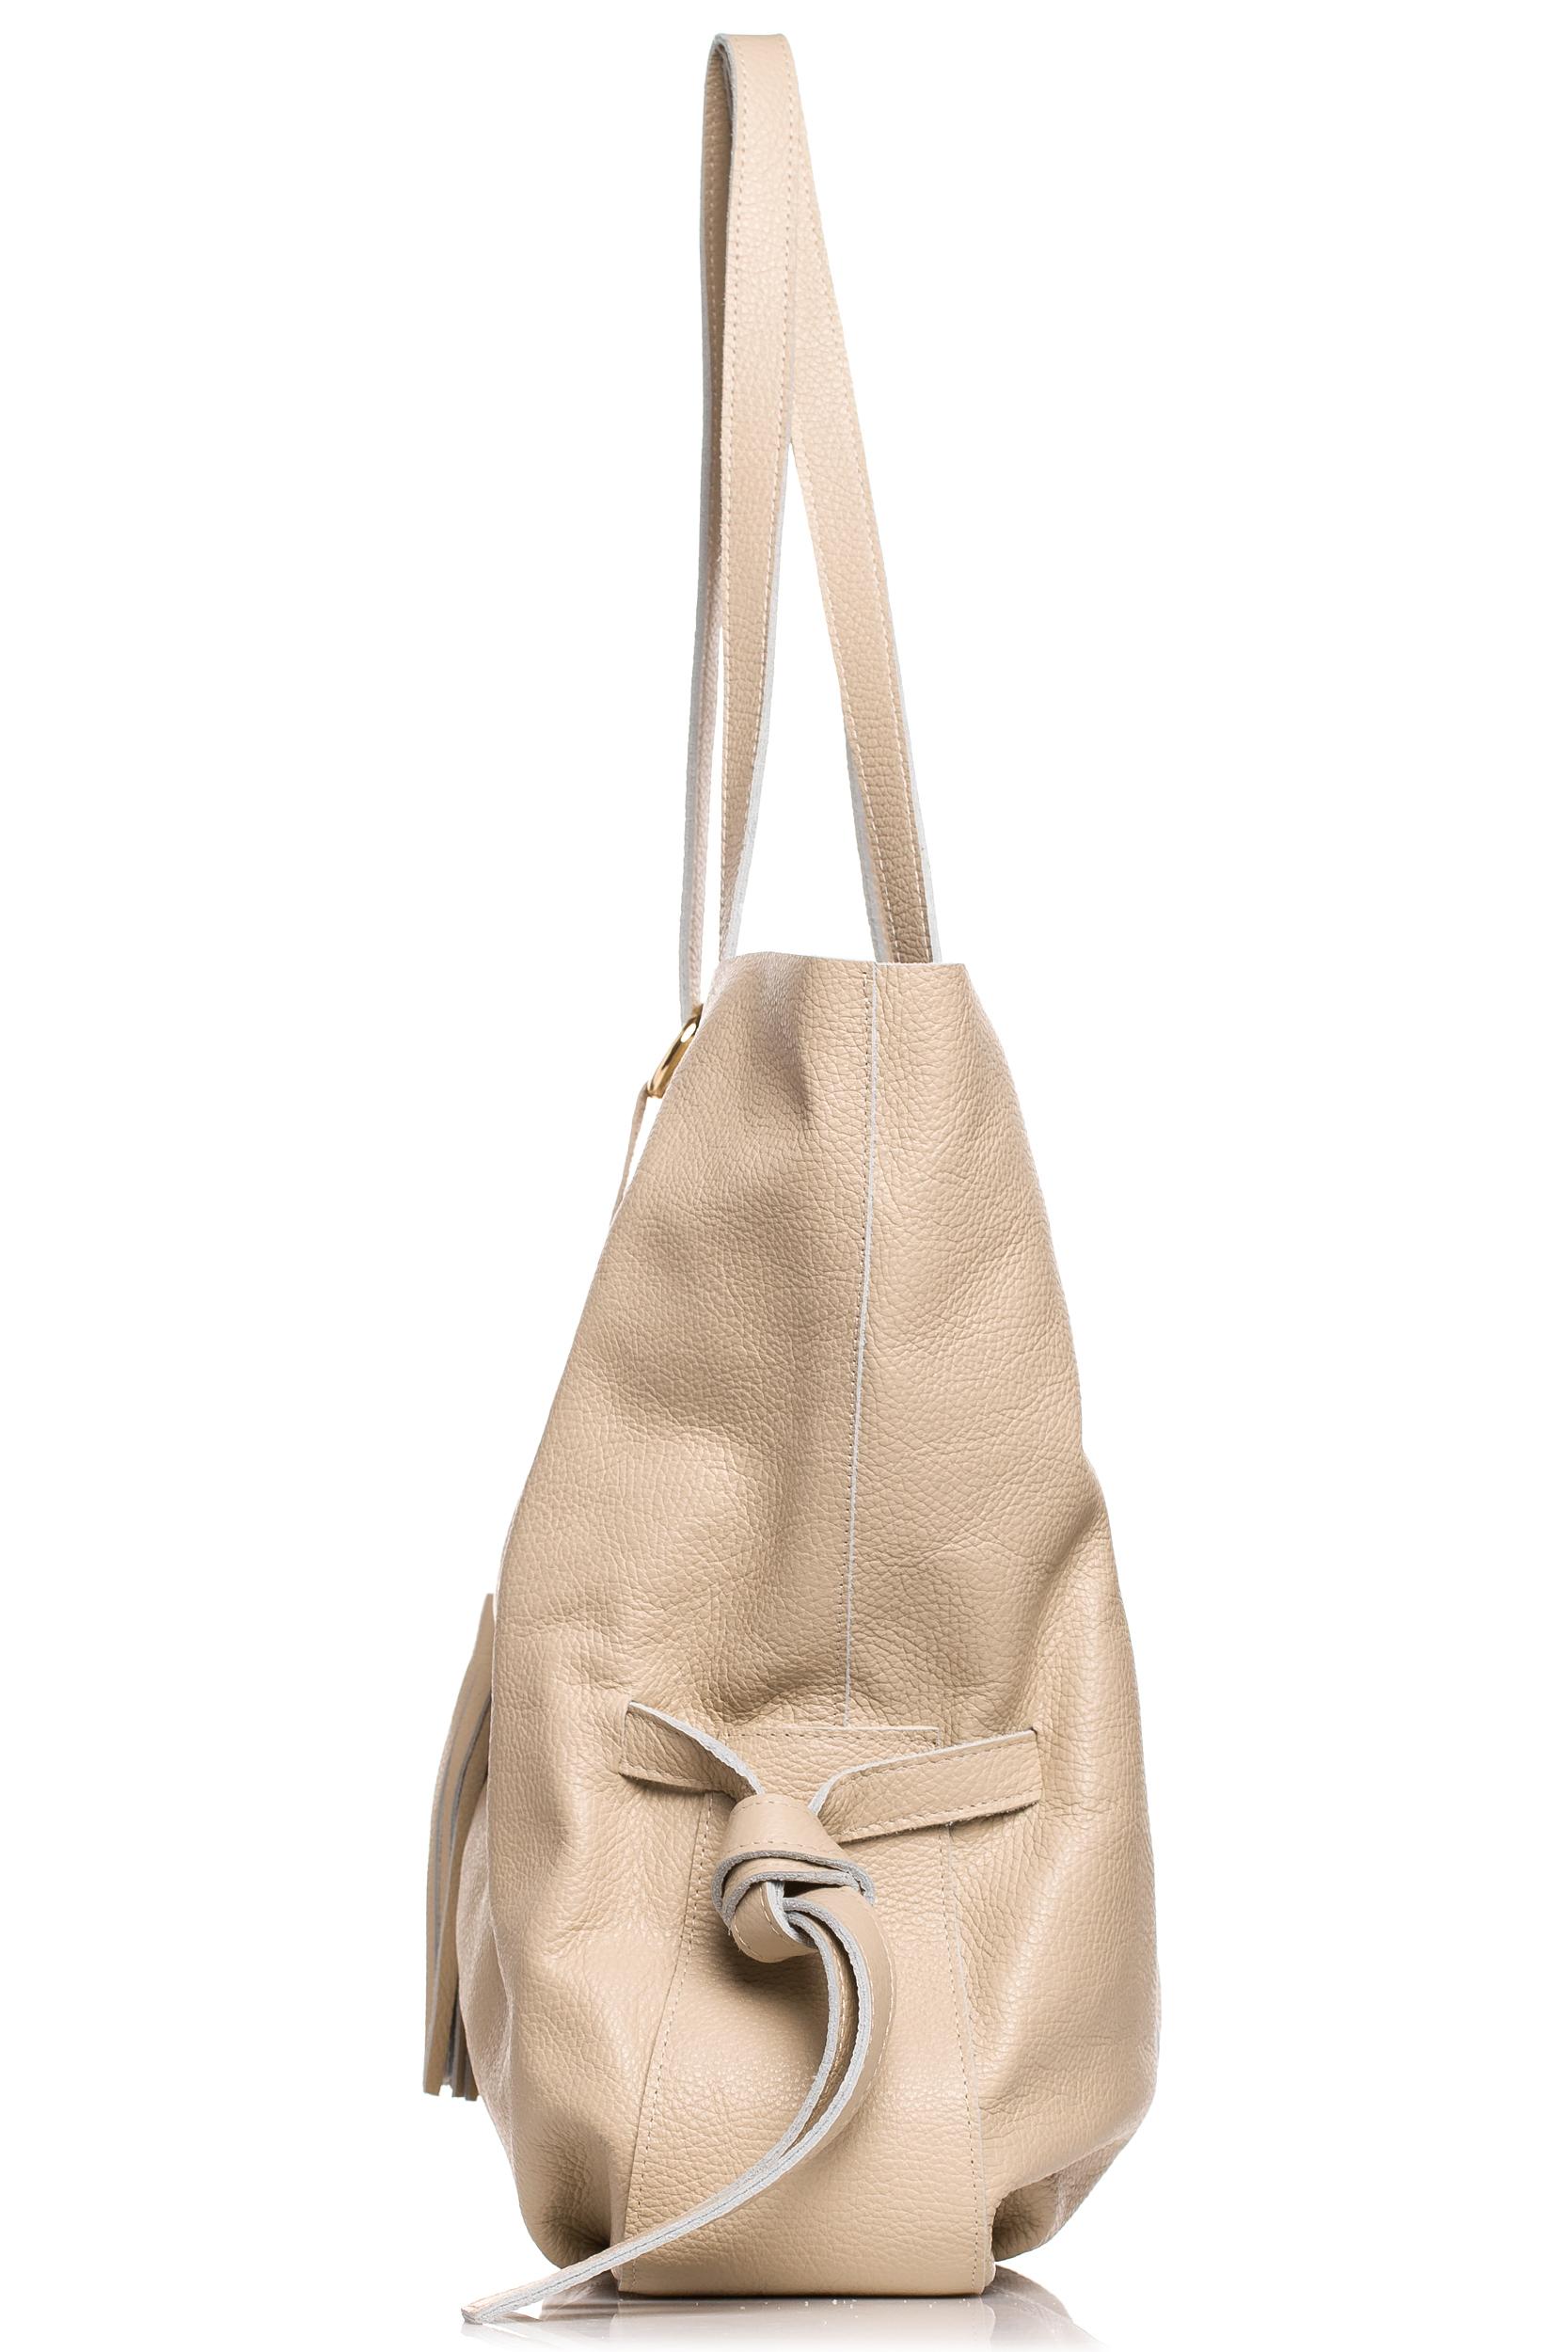 CM4613 Skórzana torebka z ozdobnymi frędzlami - beżowa